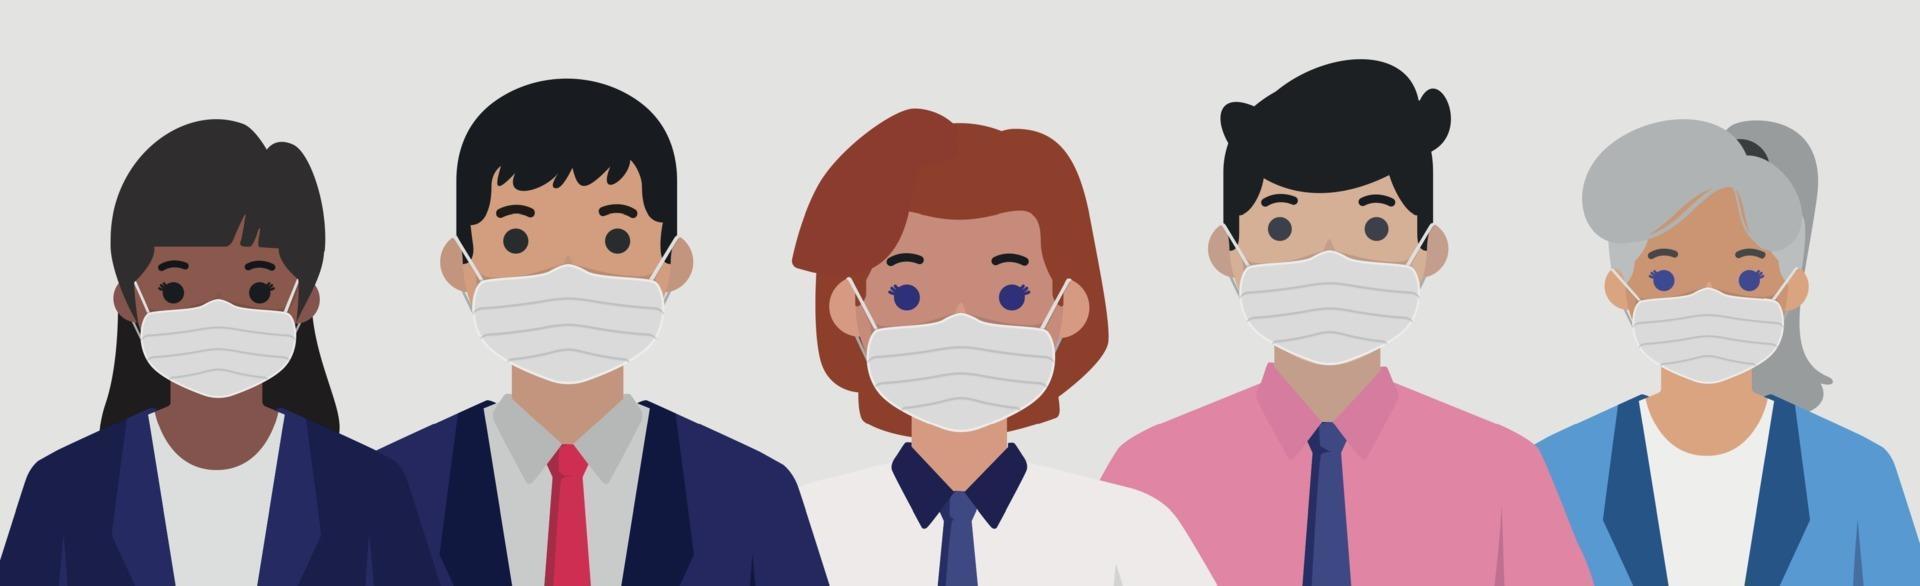 grupp människor i sterila medicinska masker - vektor